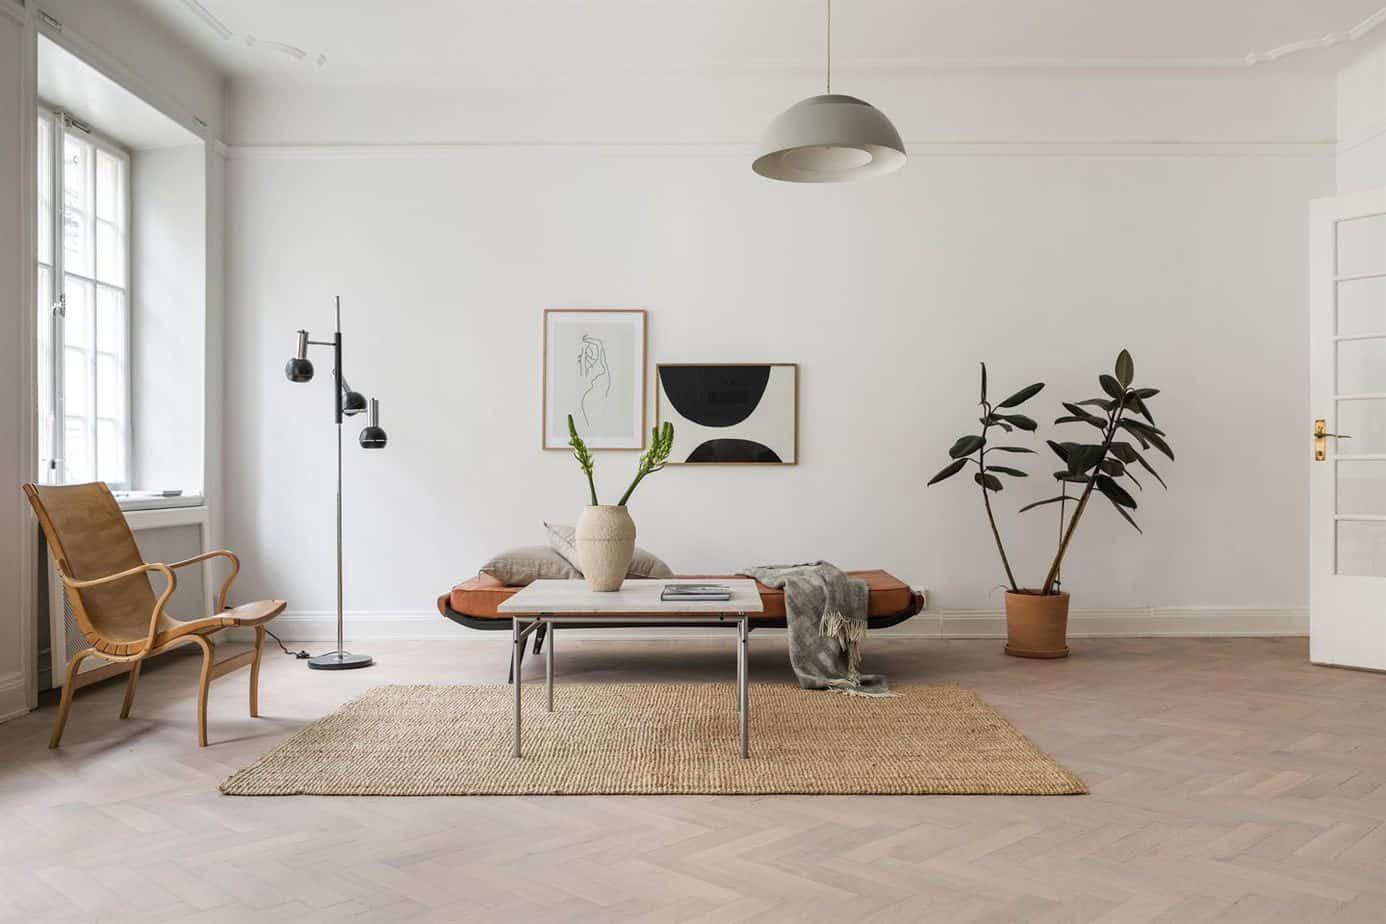 living room design ideas 2021 minimal style